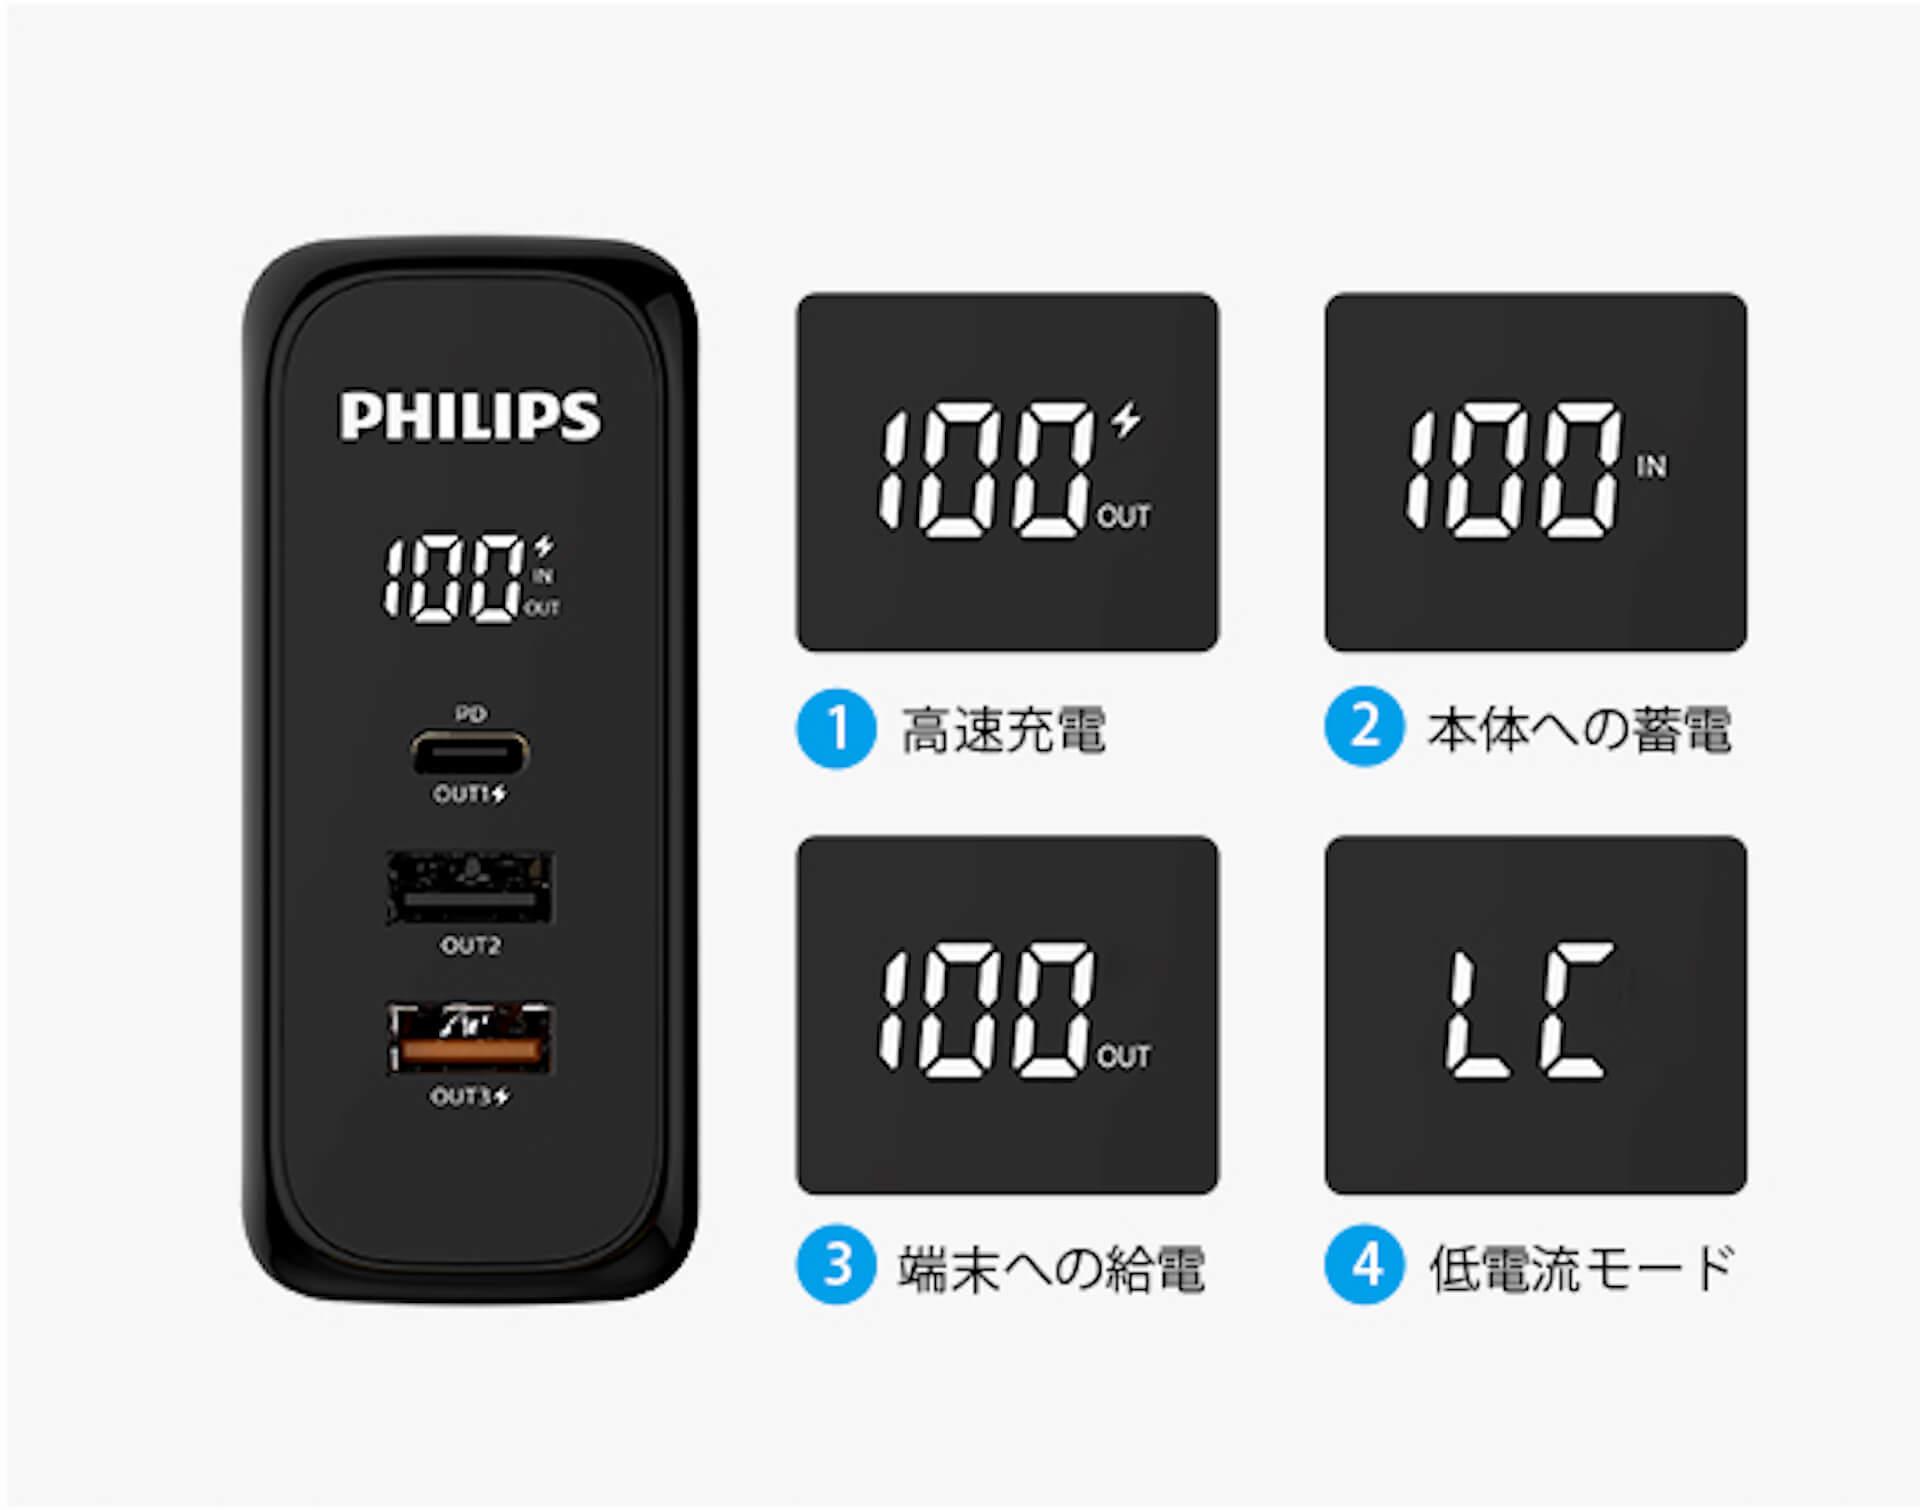 充電器とモバイルバッテリーが1つで完結するアダプターがPHILIPSから登場!クラウドファンディングにて先行販売が開始 tech200422_philips_07